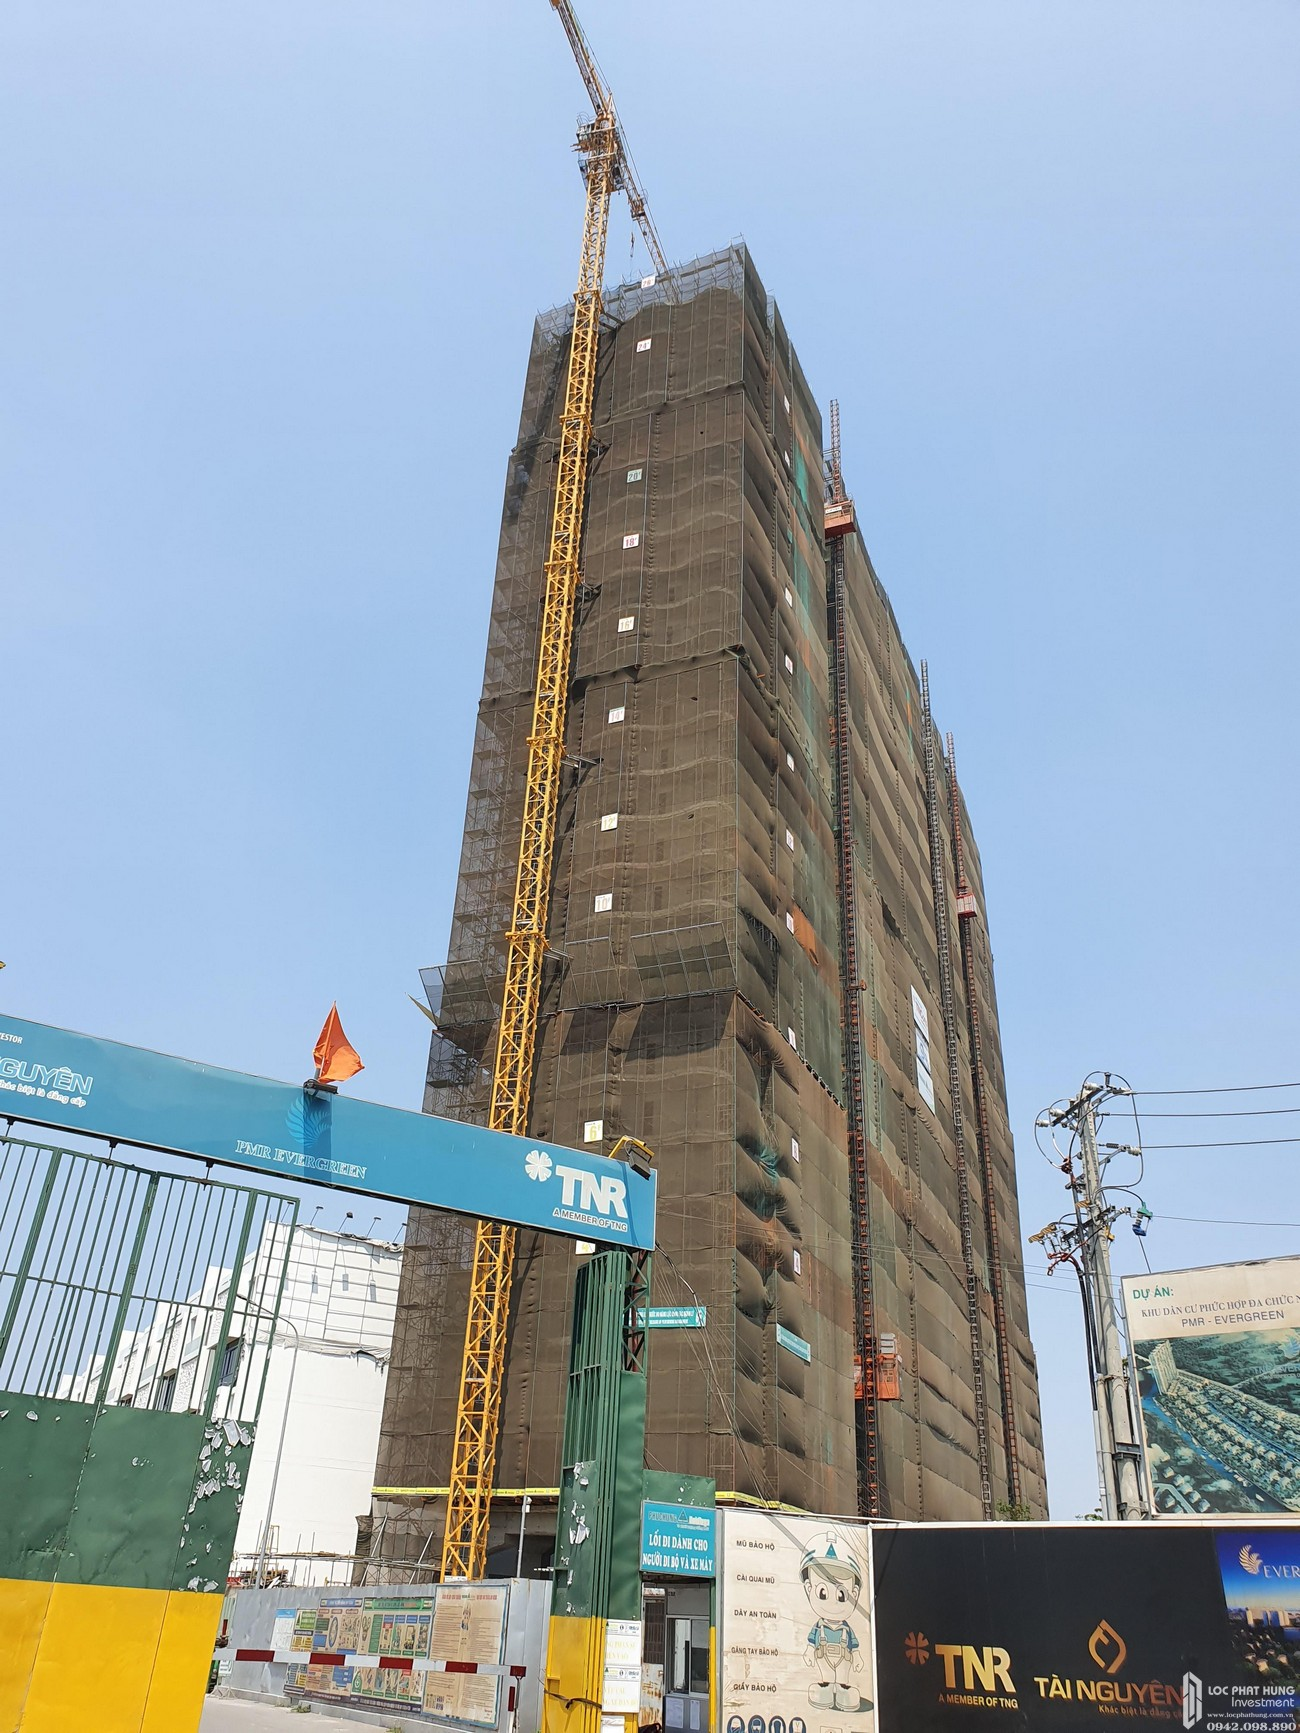 Tiến độ xây dựng dự án căn hộ TNR Viva Panorama Tháng 04/2020